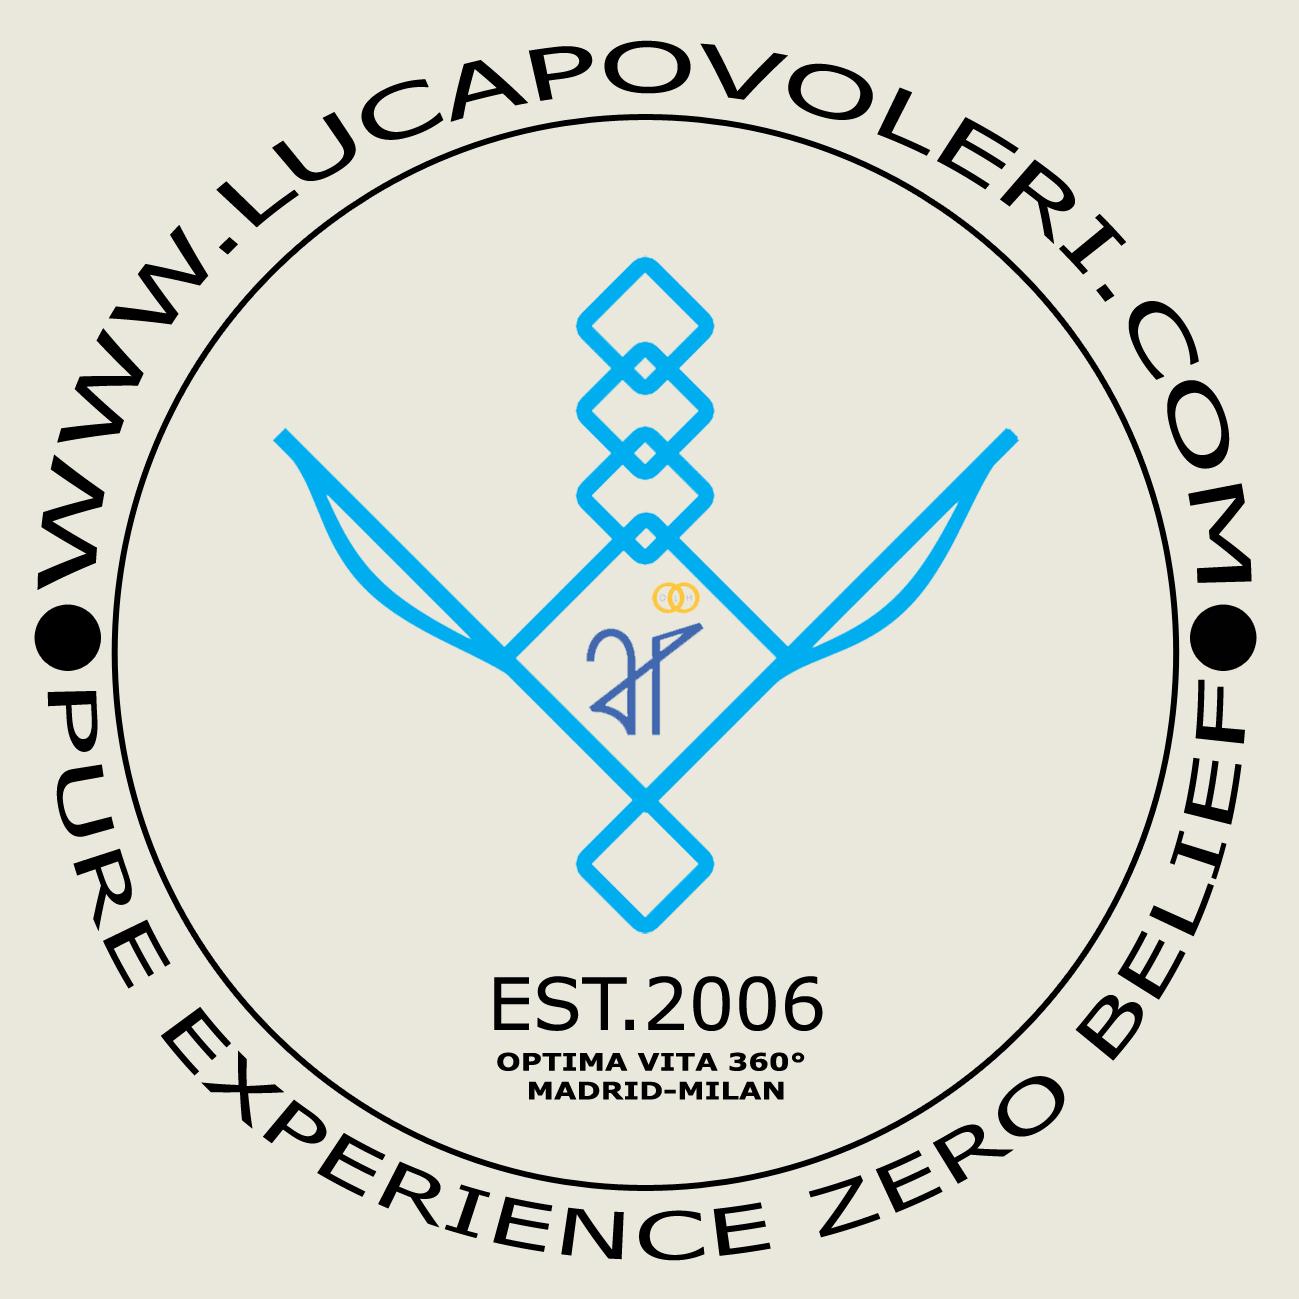 LucaPovoleri.com